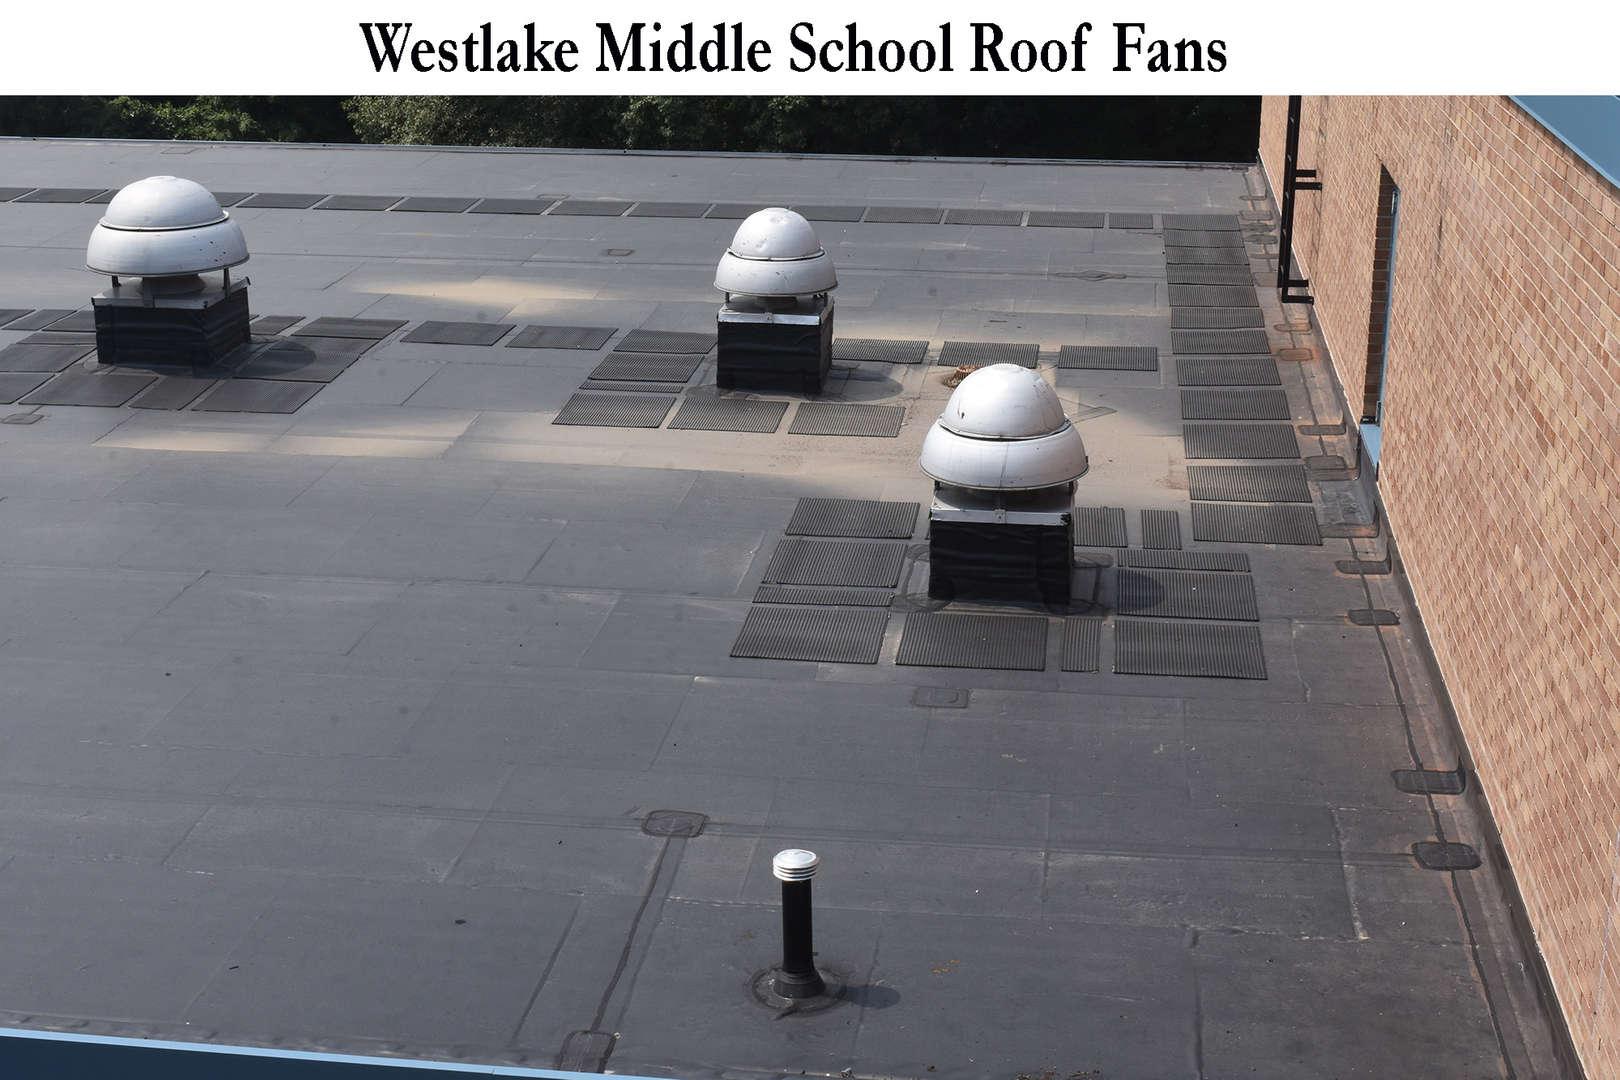 WMS Roof Fans